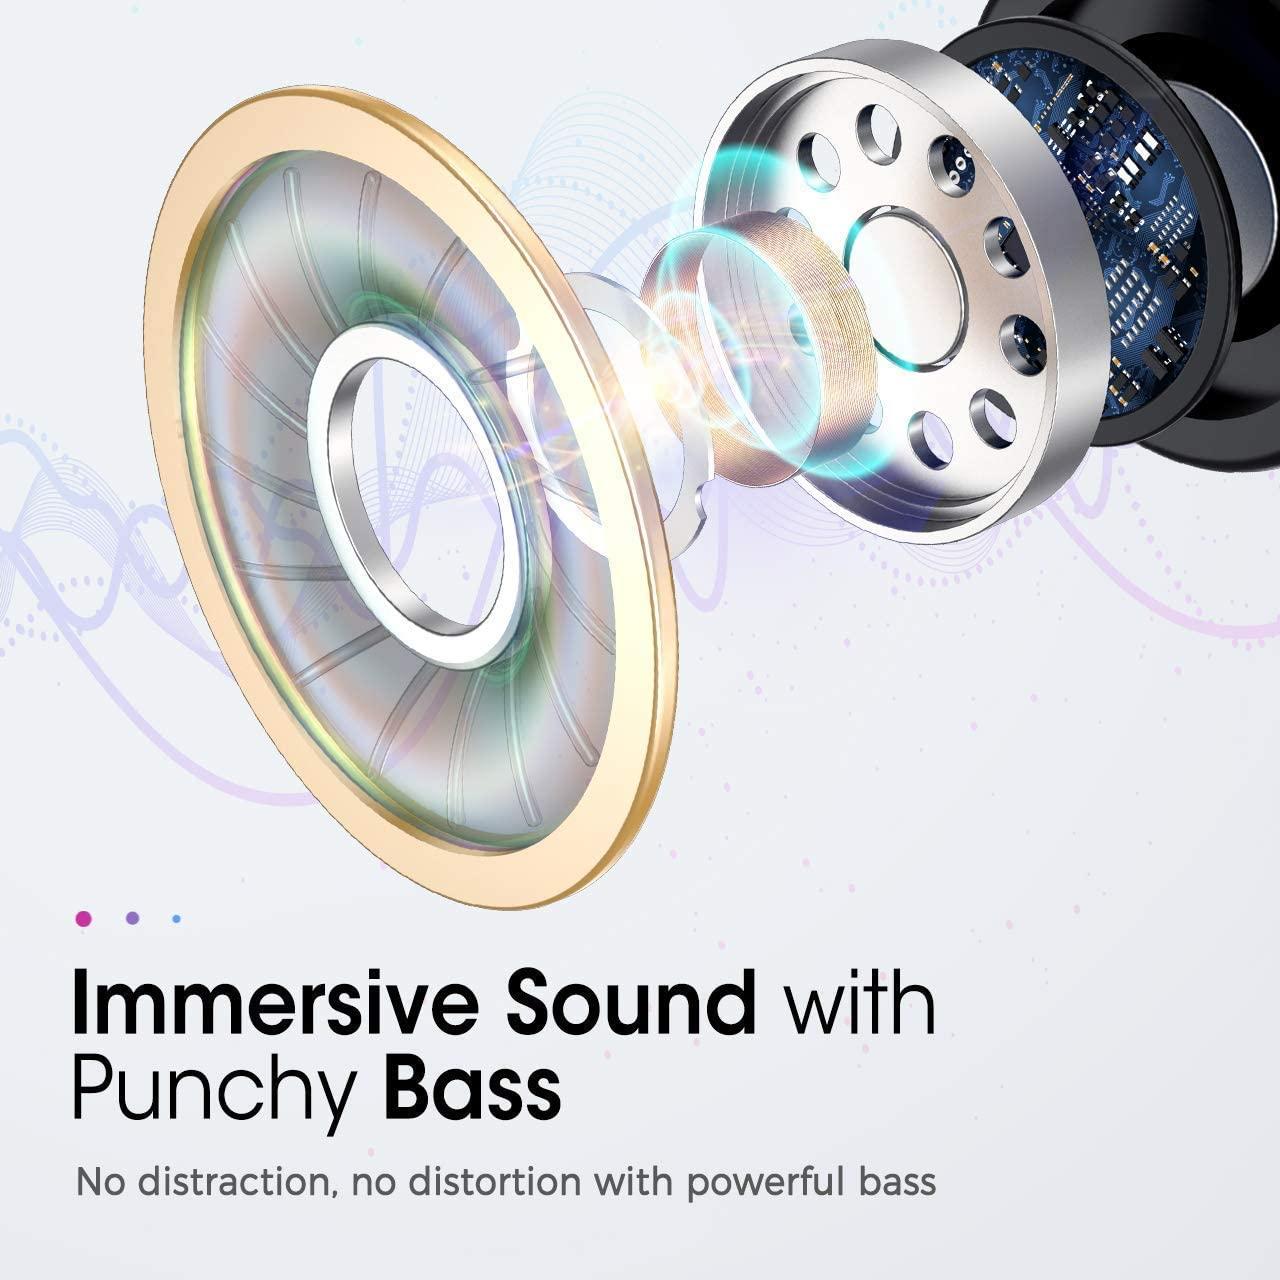 亚马逊尾货真无线TWS蓝牙5.0 入耳式耳机长续航IPX8防水支持无线充电